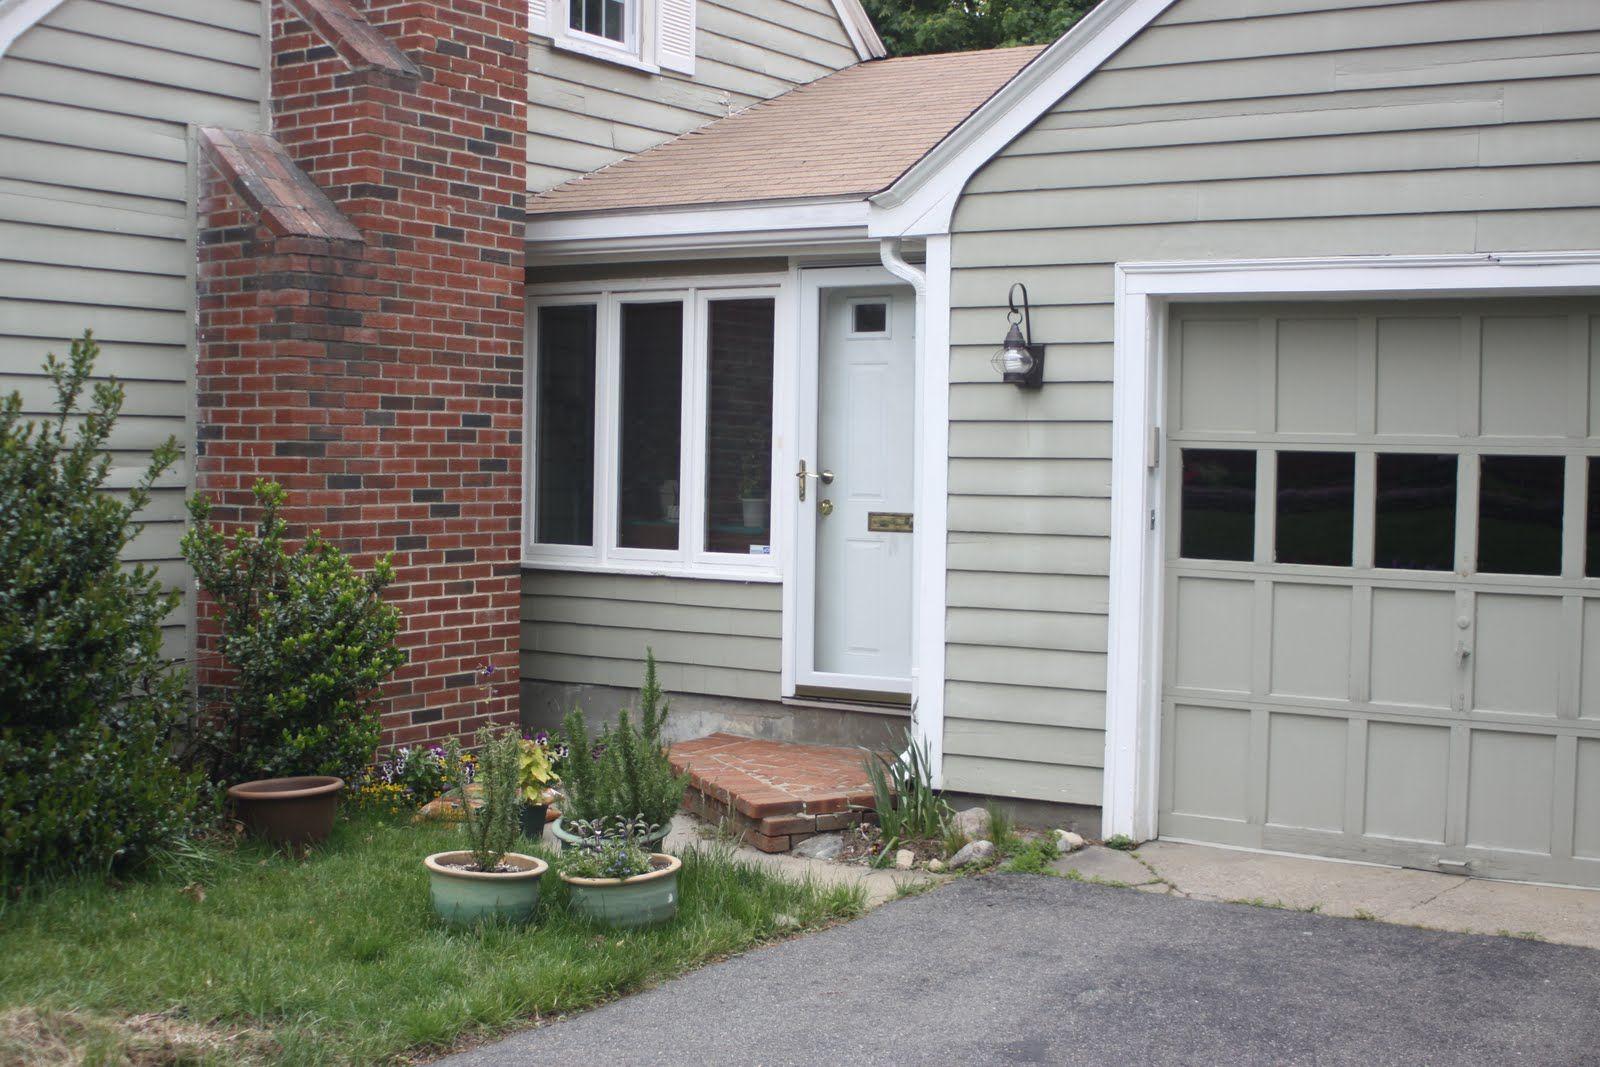 Garage with Breezeway Photos | Breezeway Between House And ...